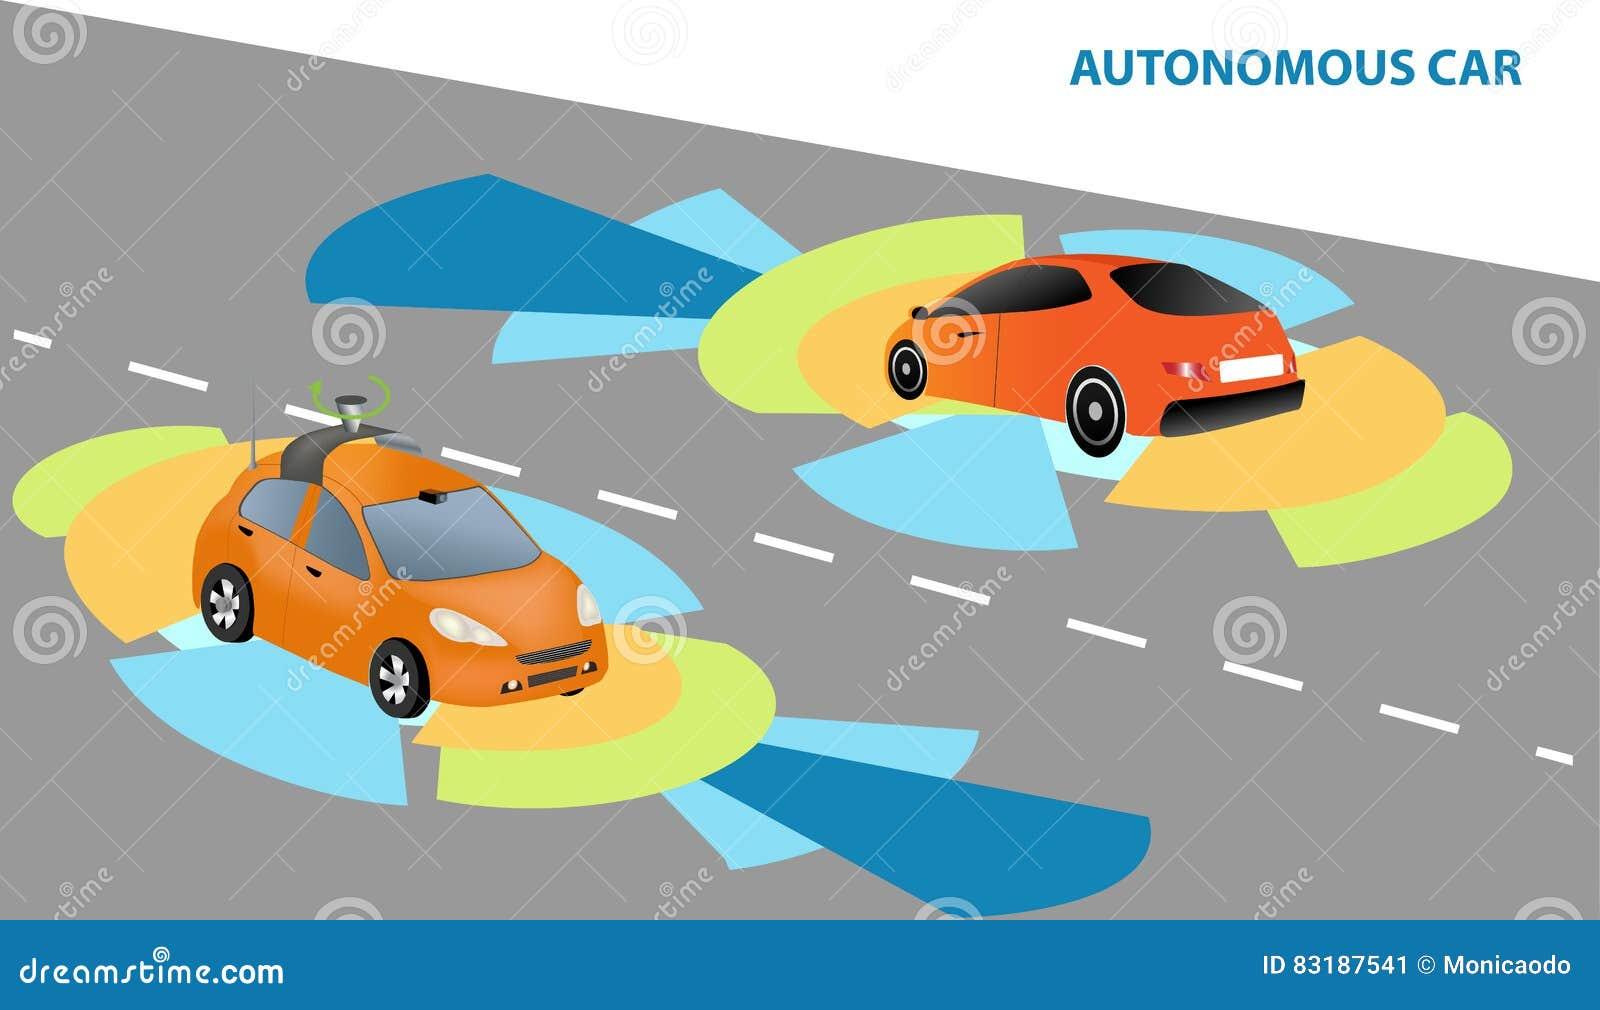 Radar And Lidar Self Driving Cars